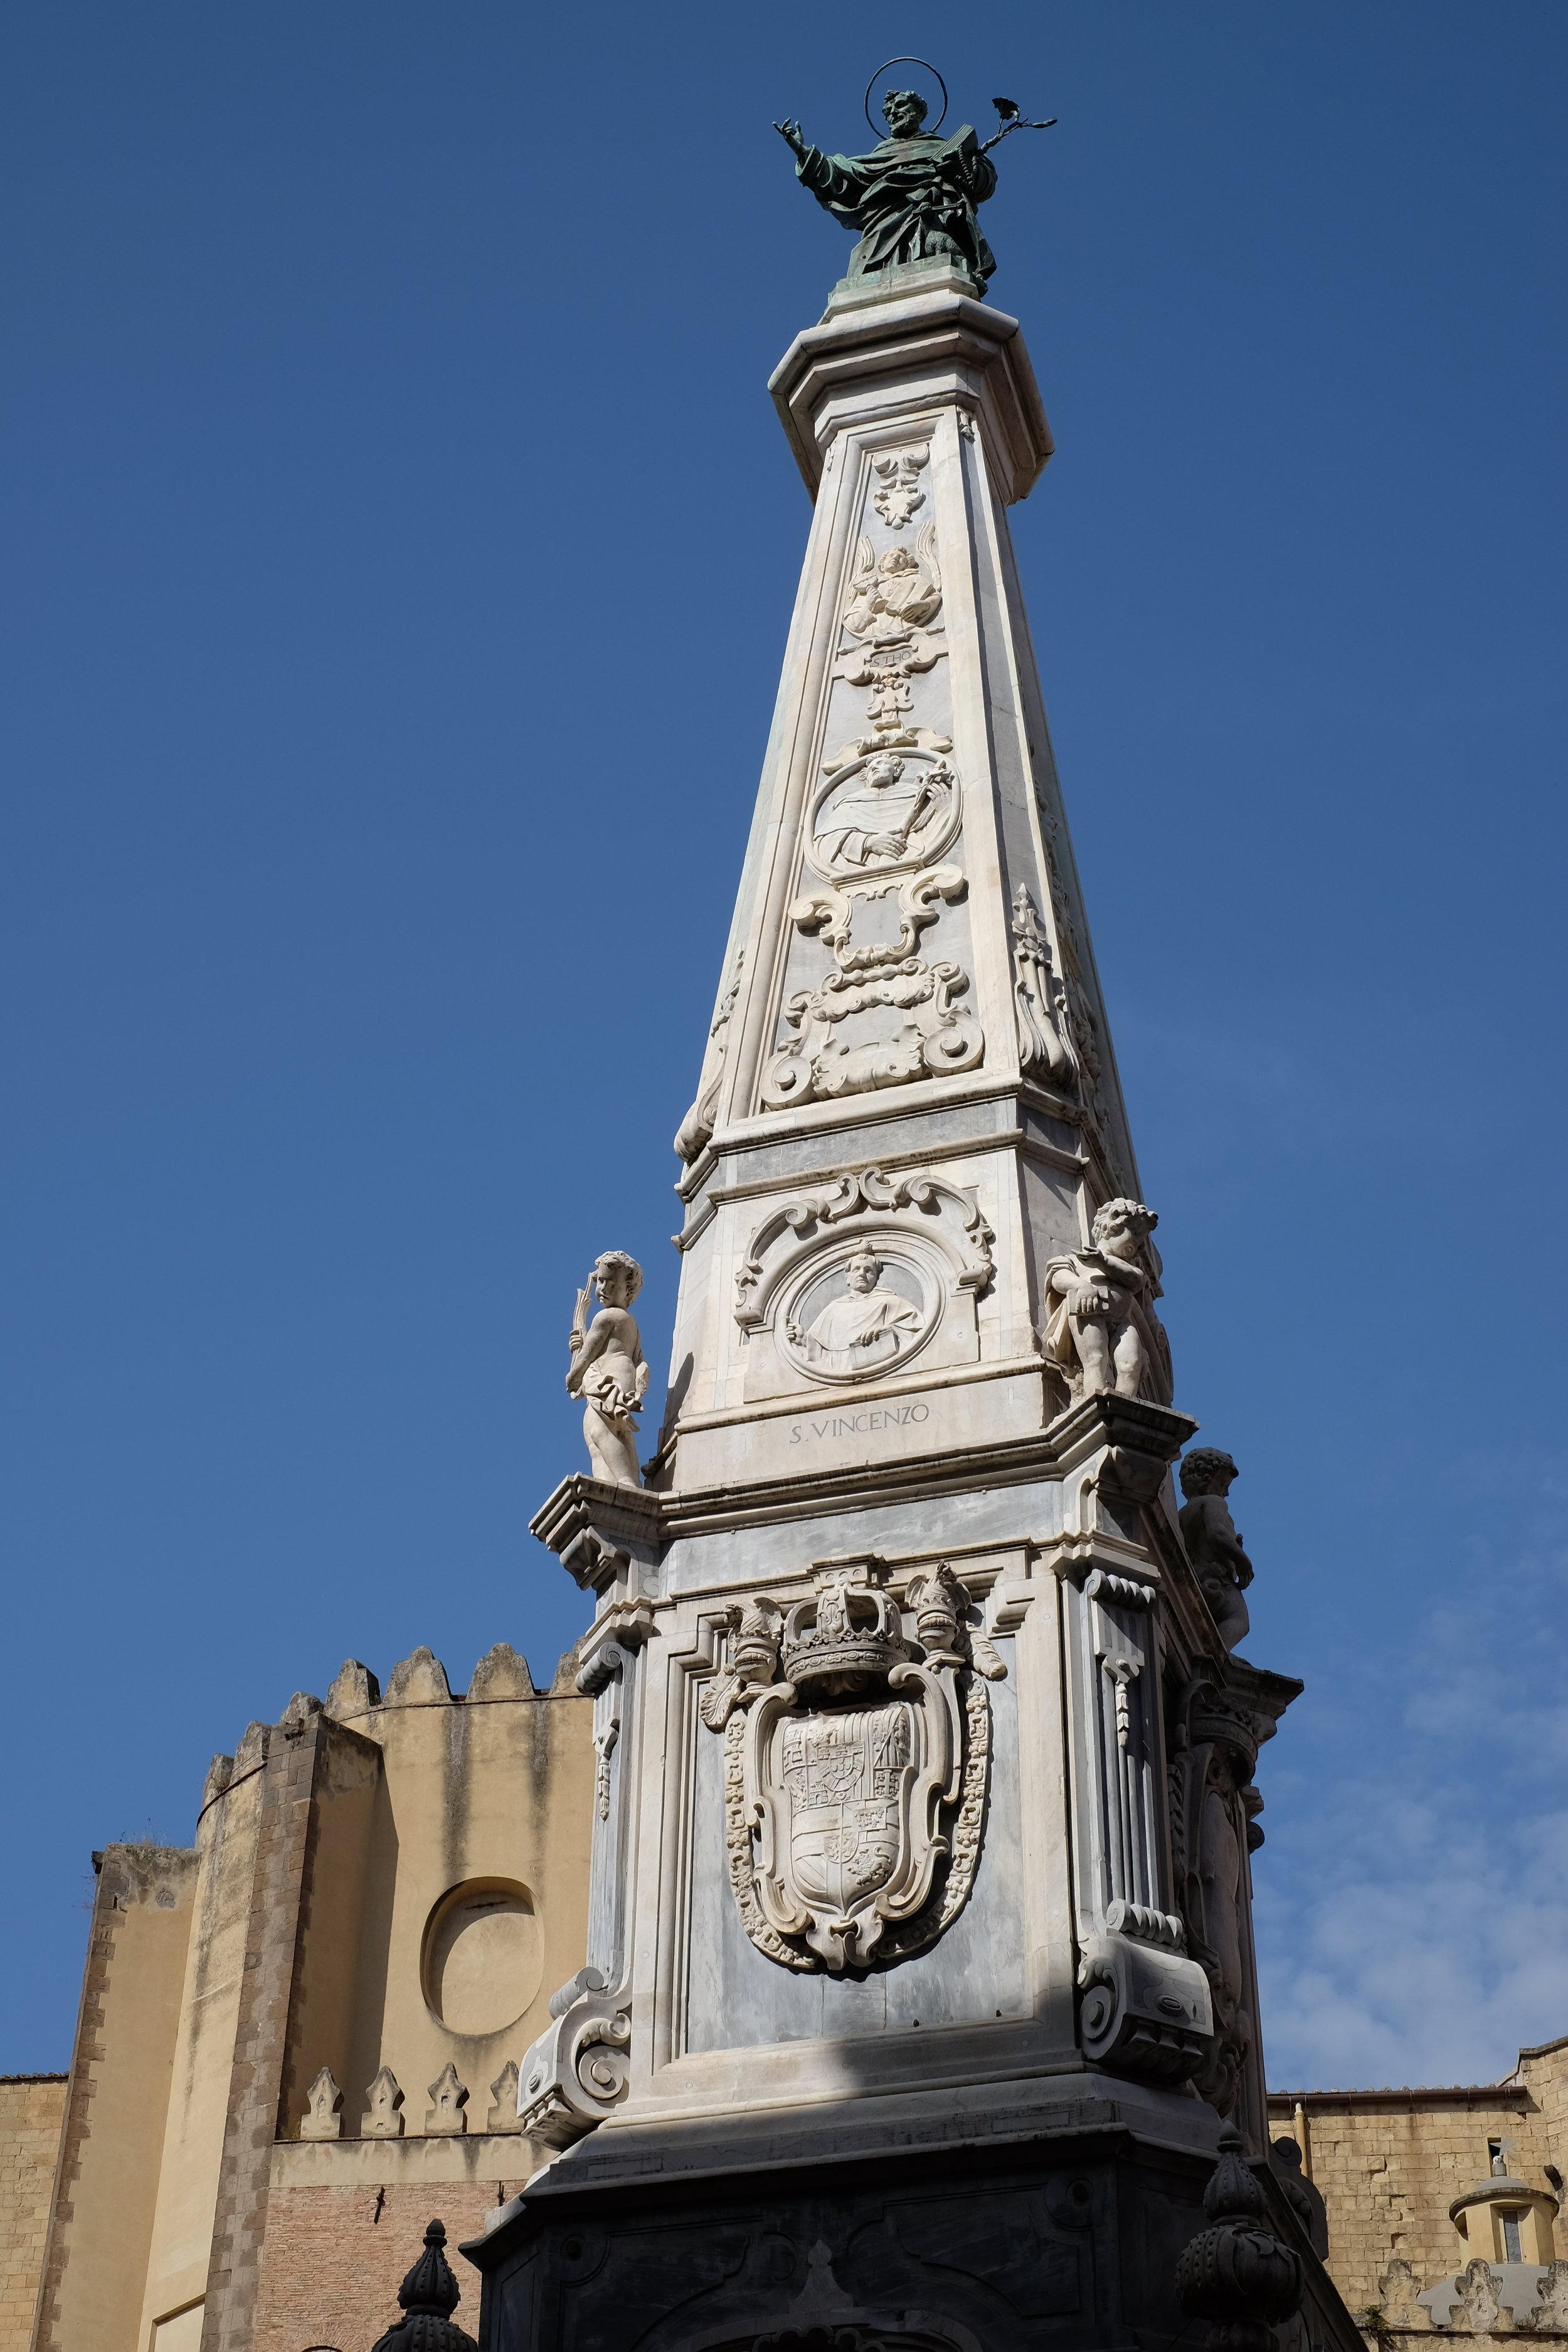 San Domenico guglia in piazza San Domenico.